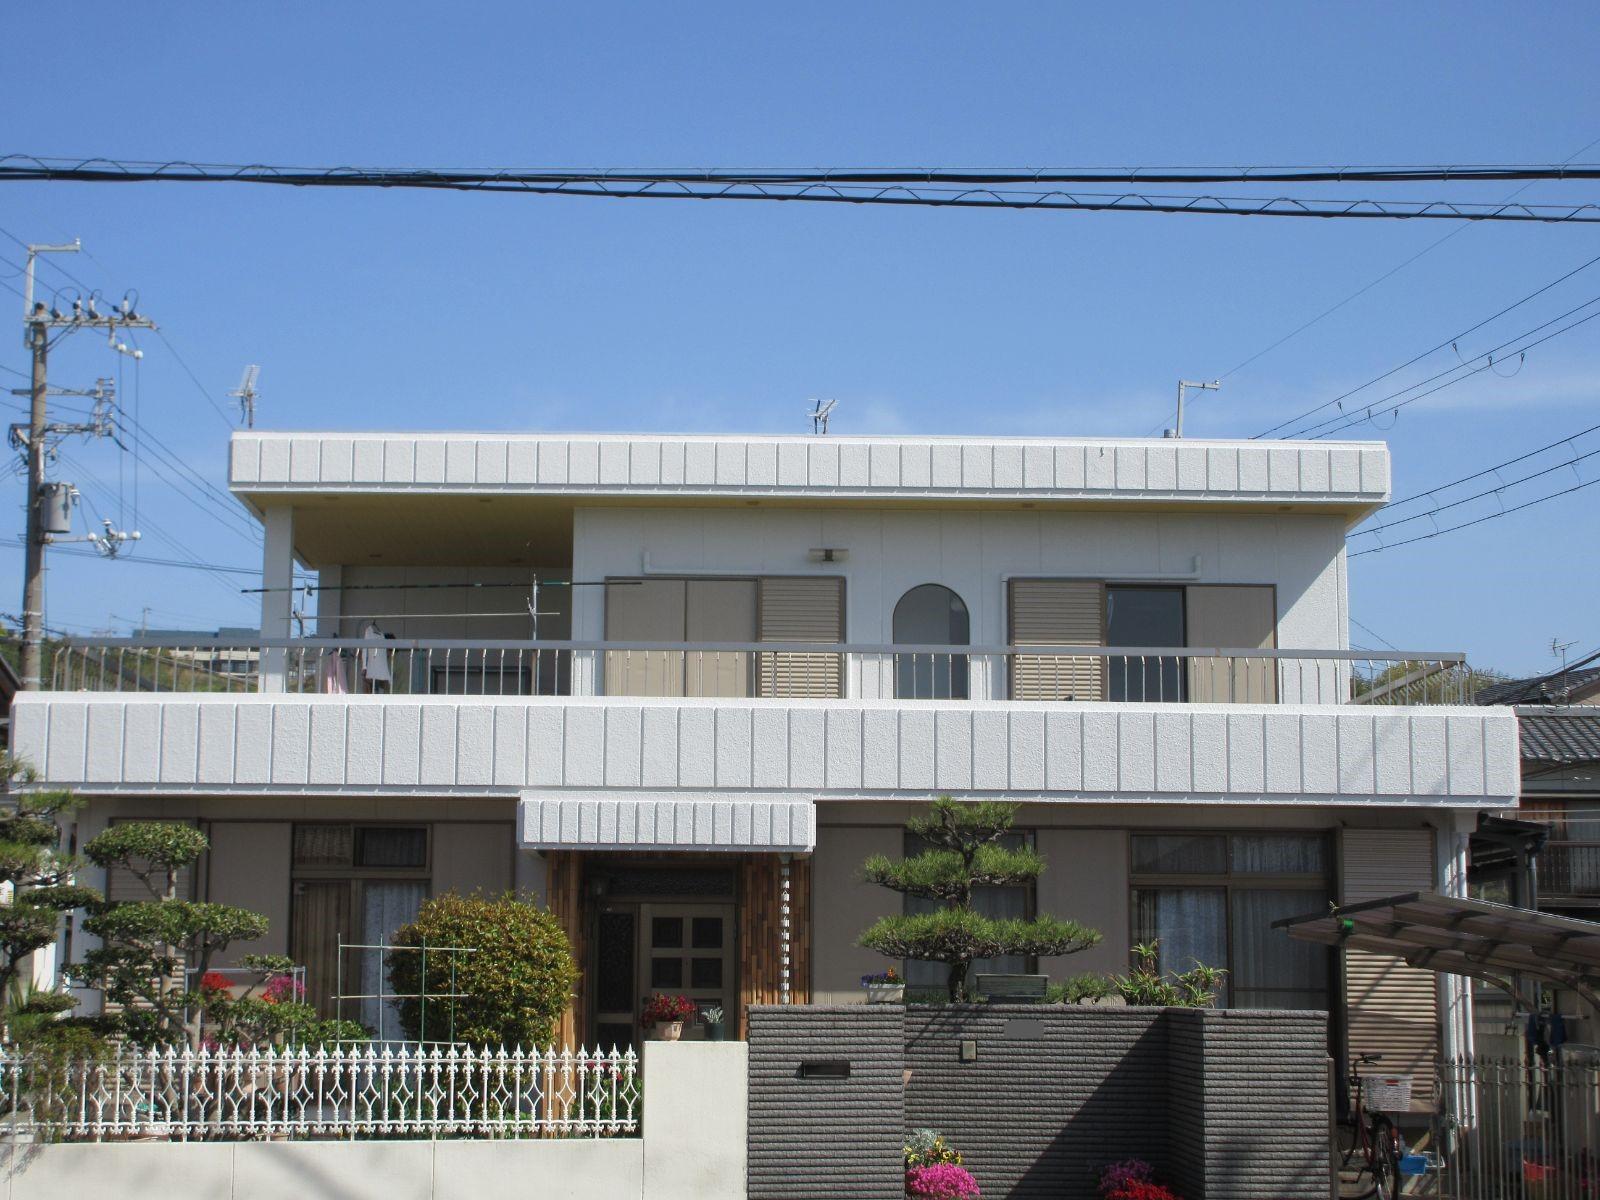 和歌山市*大谷 E様邸  外壁塗装・防水工事                                      『雨漏りや深刻な被害も改善し住みよい暮らしが、、☆』